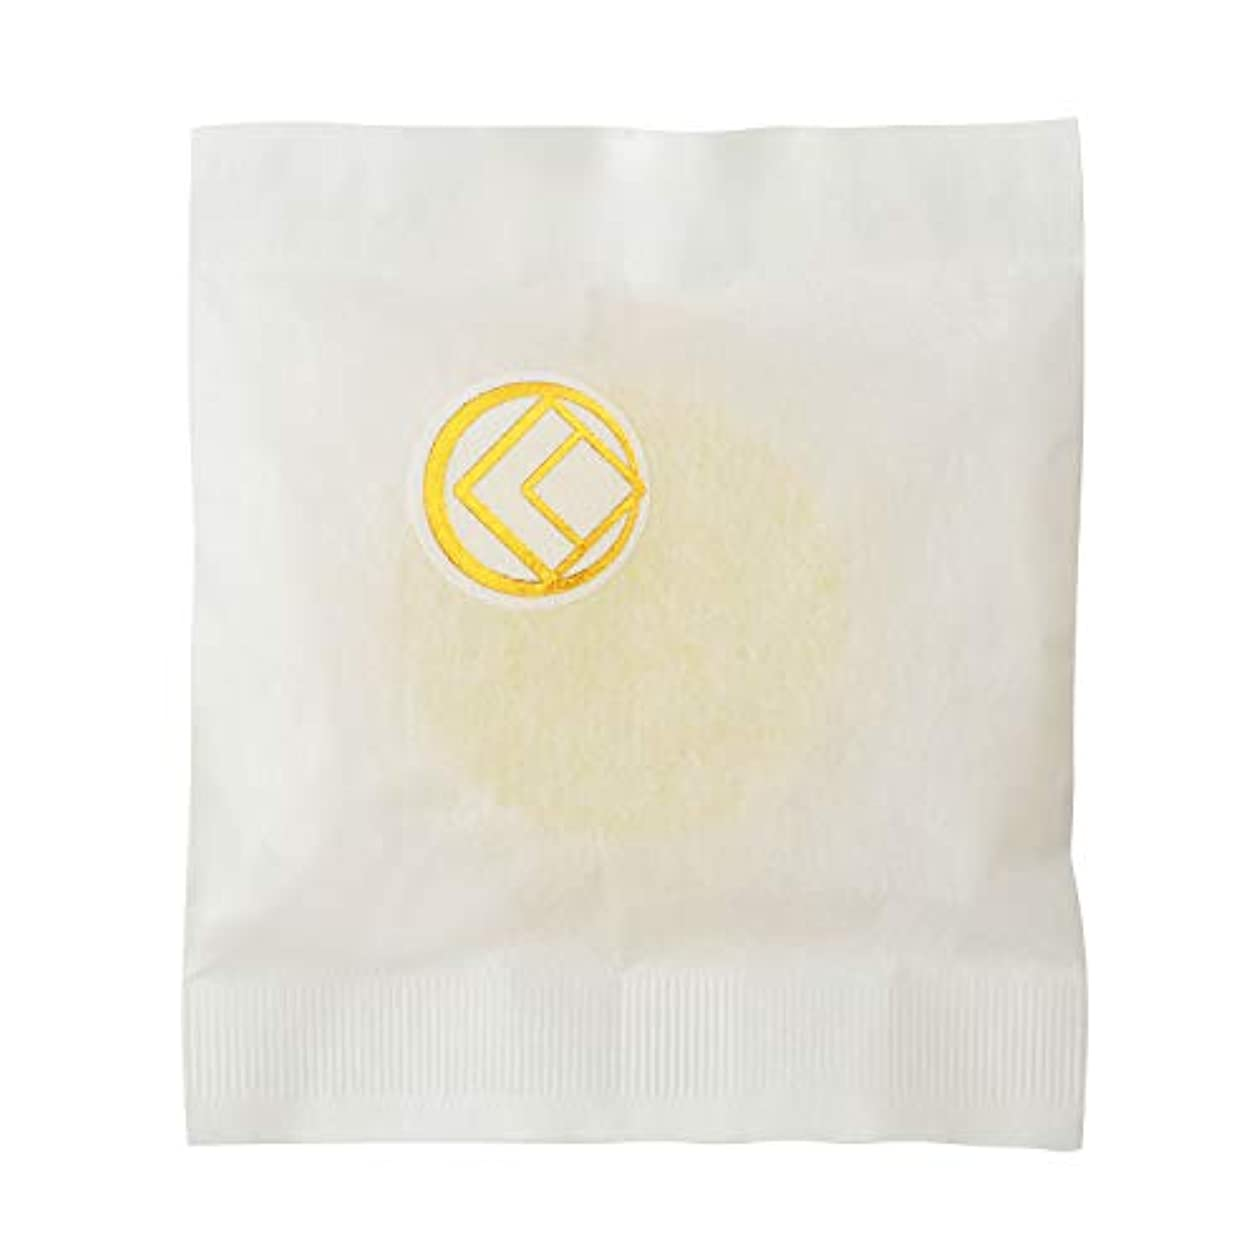 階下タワーガラガラ【肌断食専用】美塩(うつくしお)メイク落とし石鹸